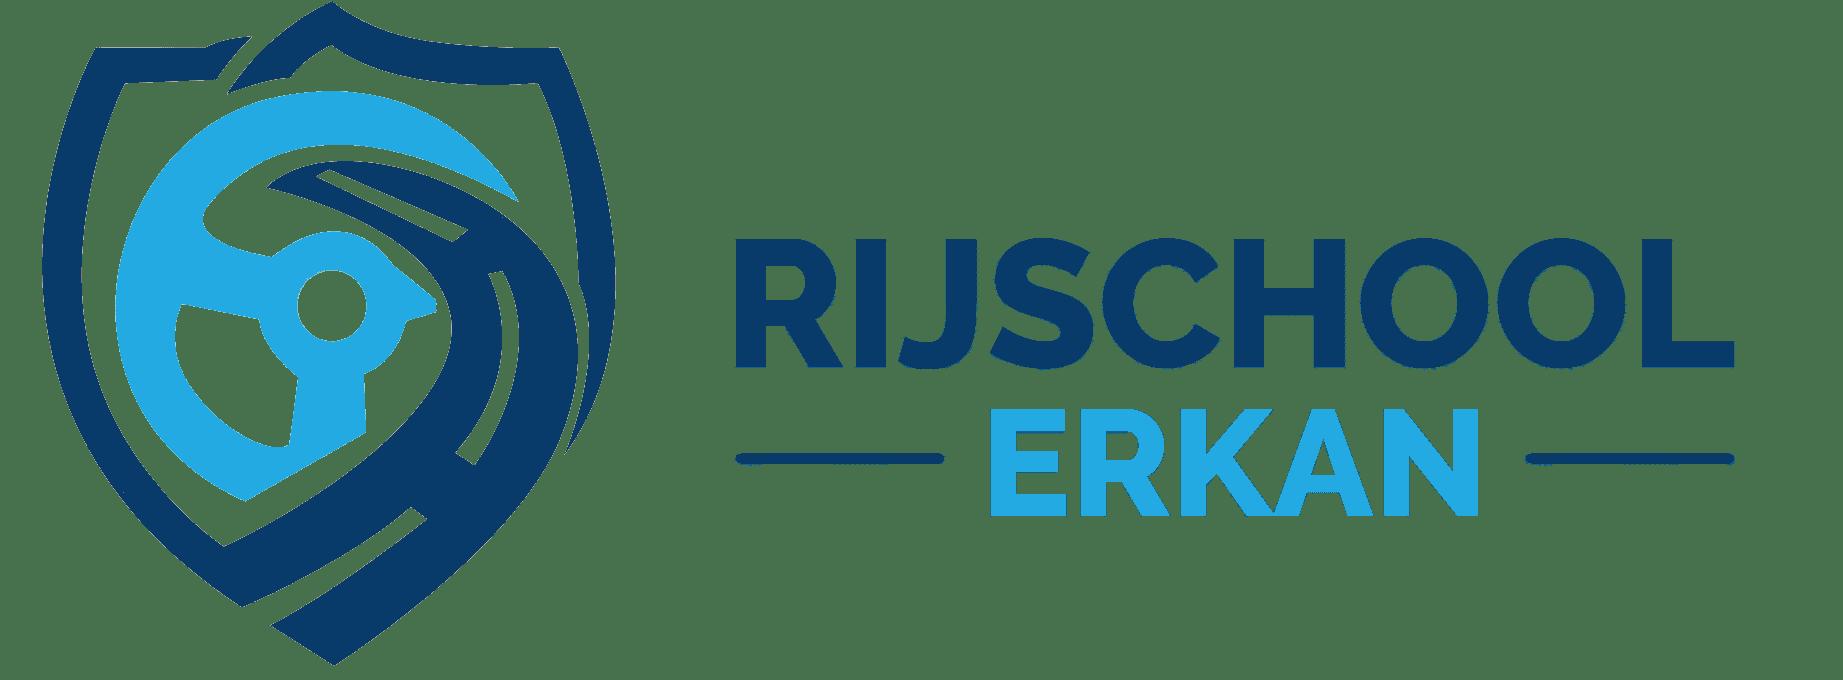 Rijschool Erkan